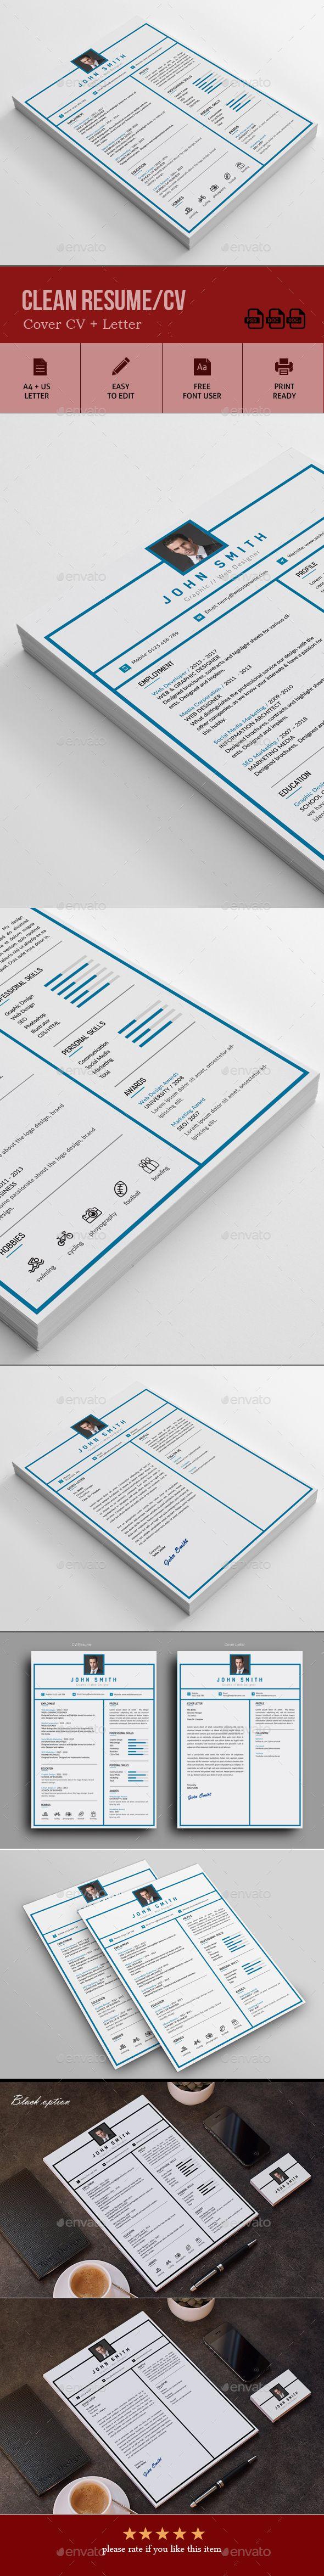 390 besten • Resume, Invoice, Proposal Designs, Etc. Bilder auf ...